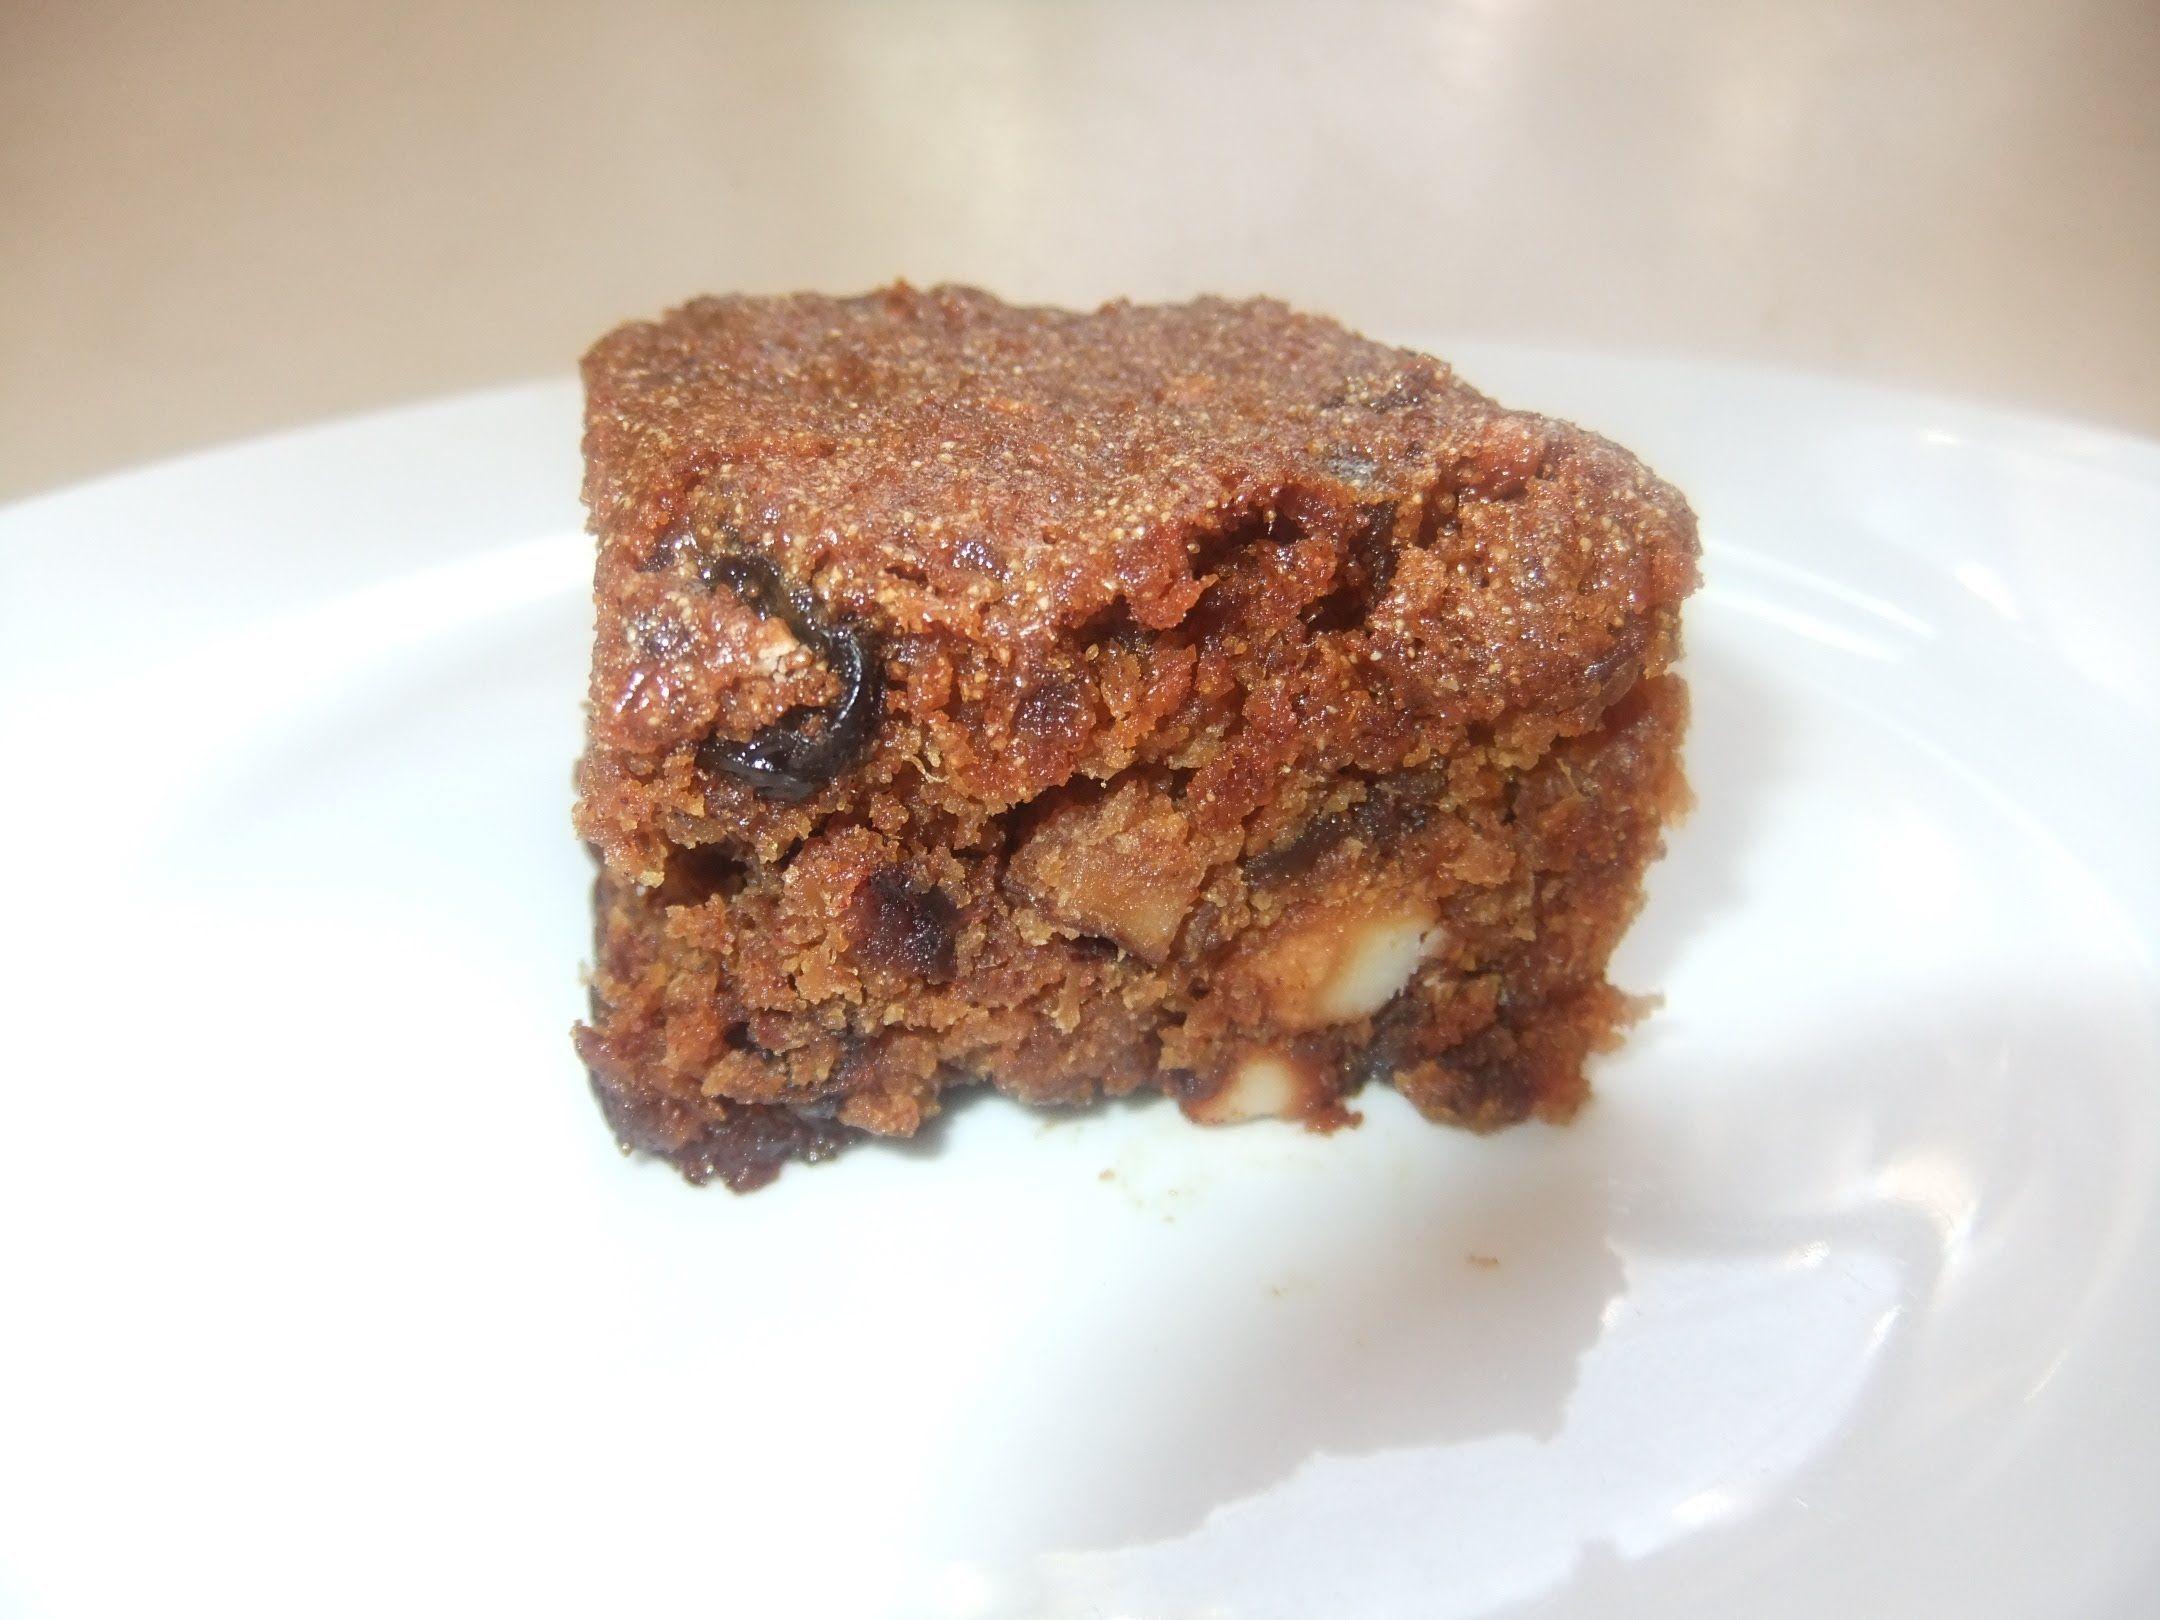 Sri Lanka Cake Recipes In Sinhala Language: Sri Lankan Coconut Cake (Pol Cake /Bibikkan / Katta